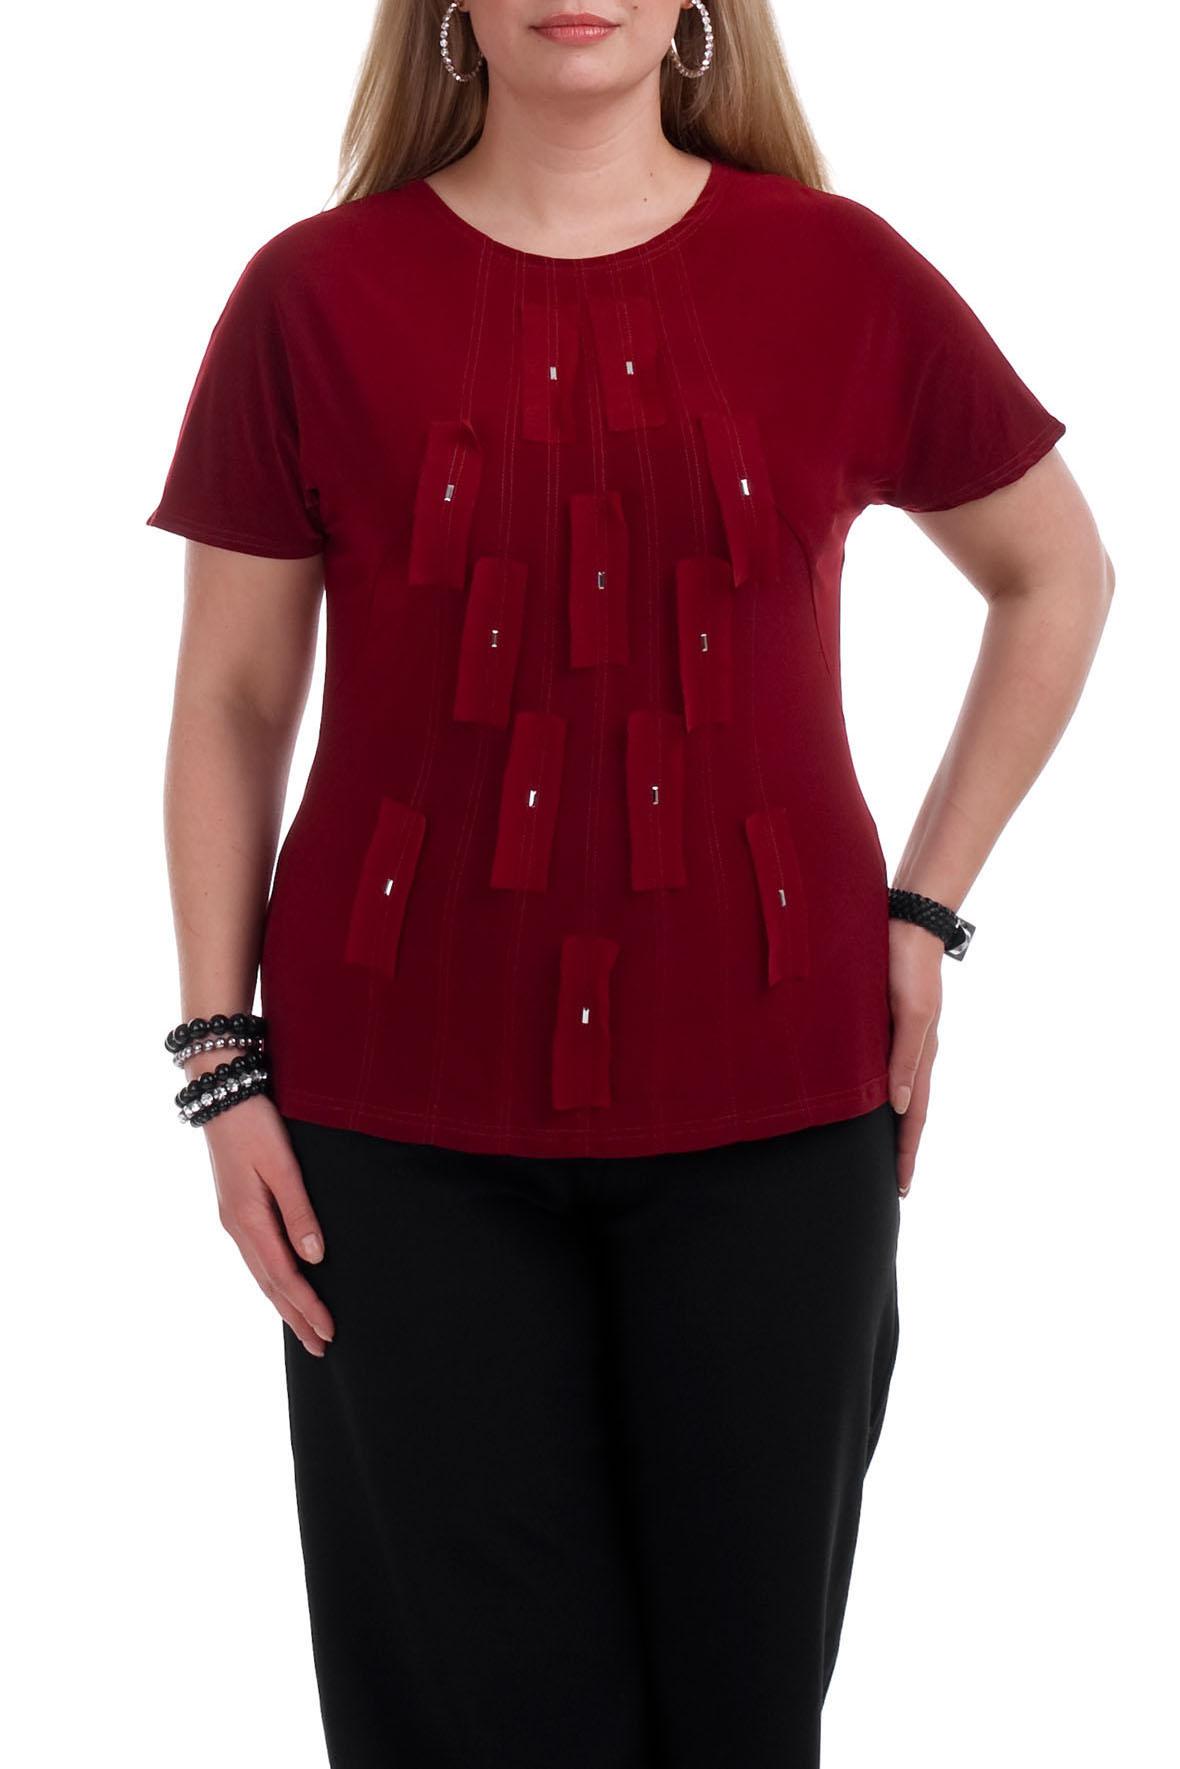 БлузкаБлузки<br>Прекрасная блузка с круглой горловиной и короткими рукавами. Модель выполнена из приятного материала. Отличный выбор для любого случая. Расположение декора может незначительно отличаться от картинки.  Цвет: бордовый  Рост девушки-фотомодели 173 см<br><br>Горловина: С- горловина<br>По материалу: Вискоза,Трикотаж<br>По рисунку: Однотонные<br>По сезону: Весна,Зима,Лето,Осень,Всесезон<br>По силуэту: Полуприталенные,Прямые<br>По стилю: Нарядный стиль,Повседневный стиль,Летний стиль<br>По элементам: С декором<br>Рукав: Короткий рукав<br>Размер : 54<br>Материал: Холодное масло<br>Количество в наличии: 1